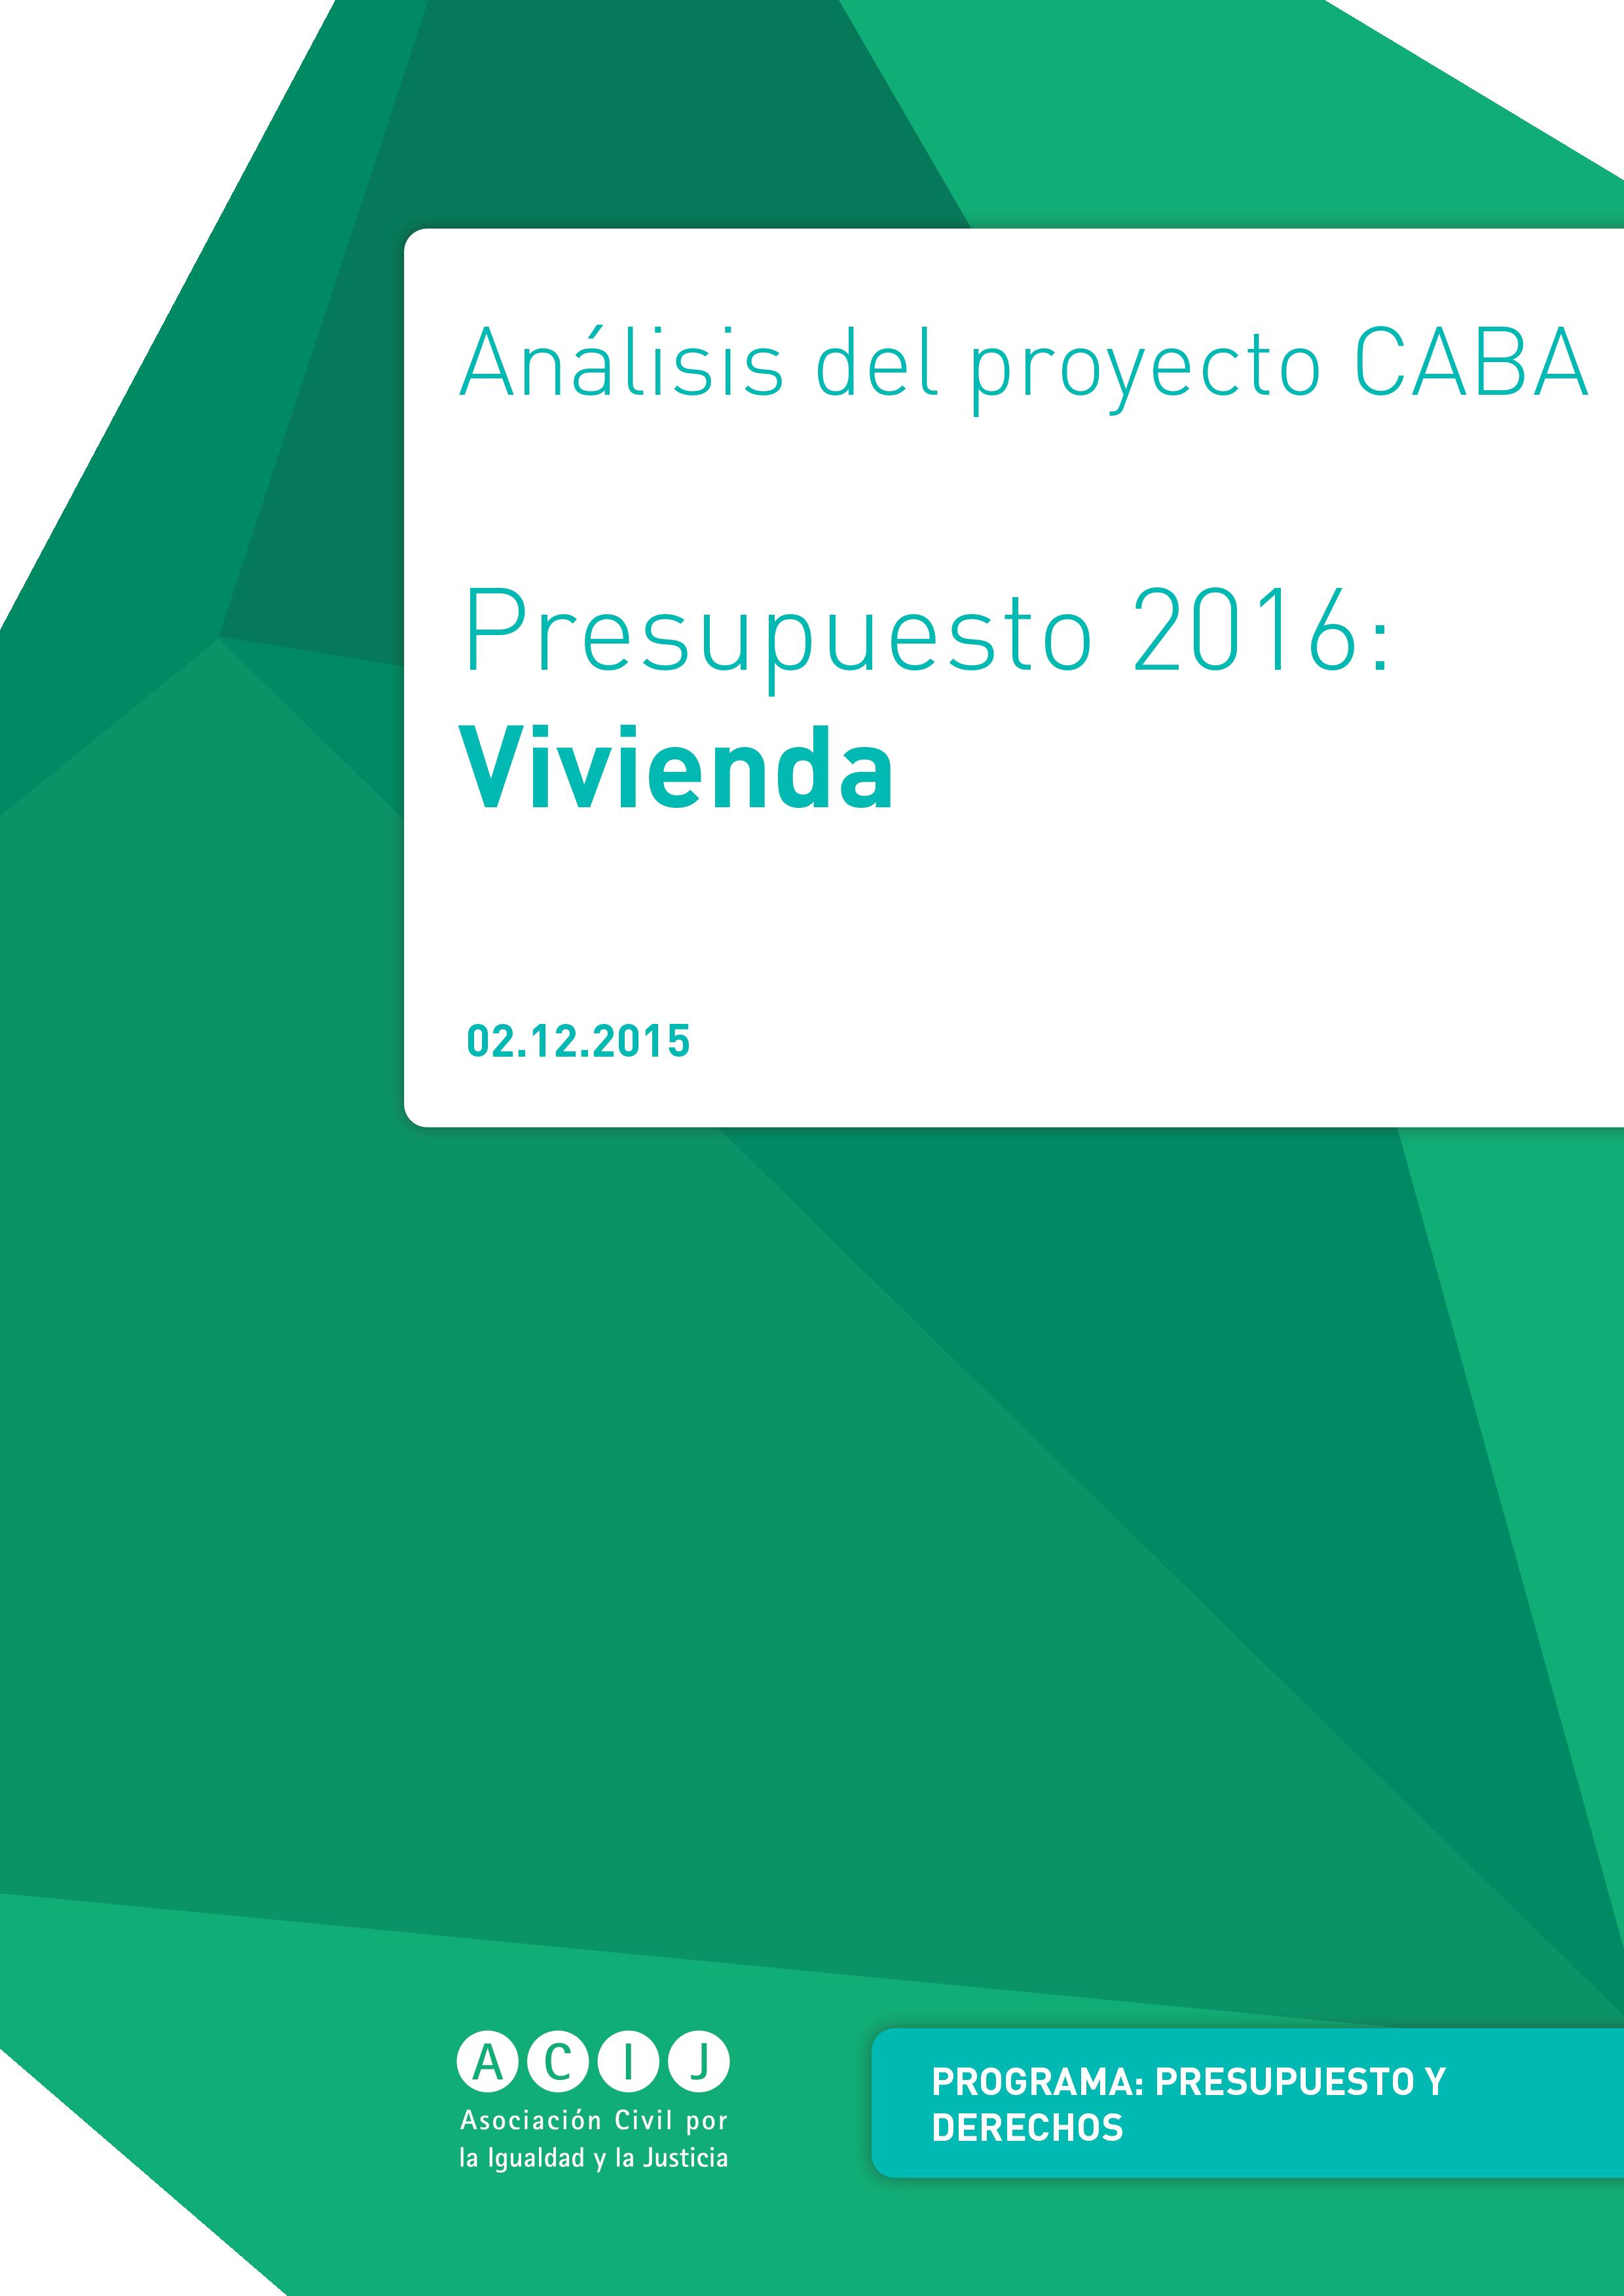 Tapa-informe-presupuesto-Vivienda-CABA-2016